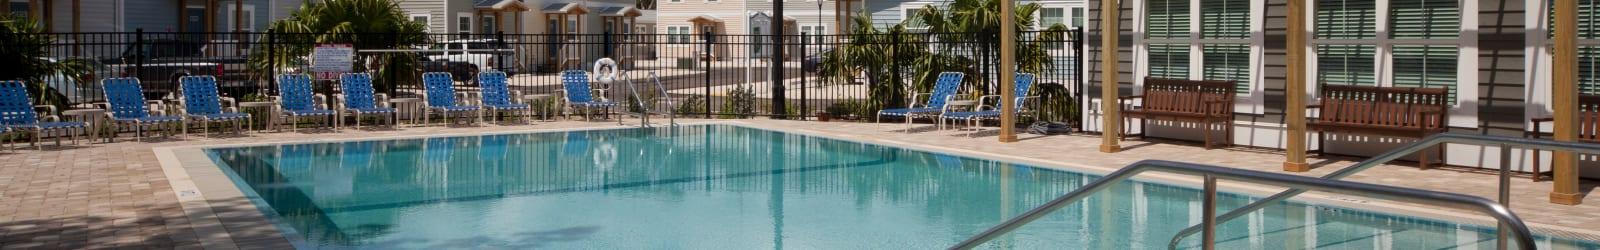 Photos of Keys Lake Villas in Key Largo, FL